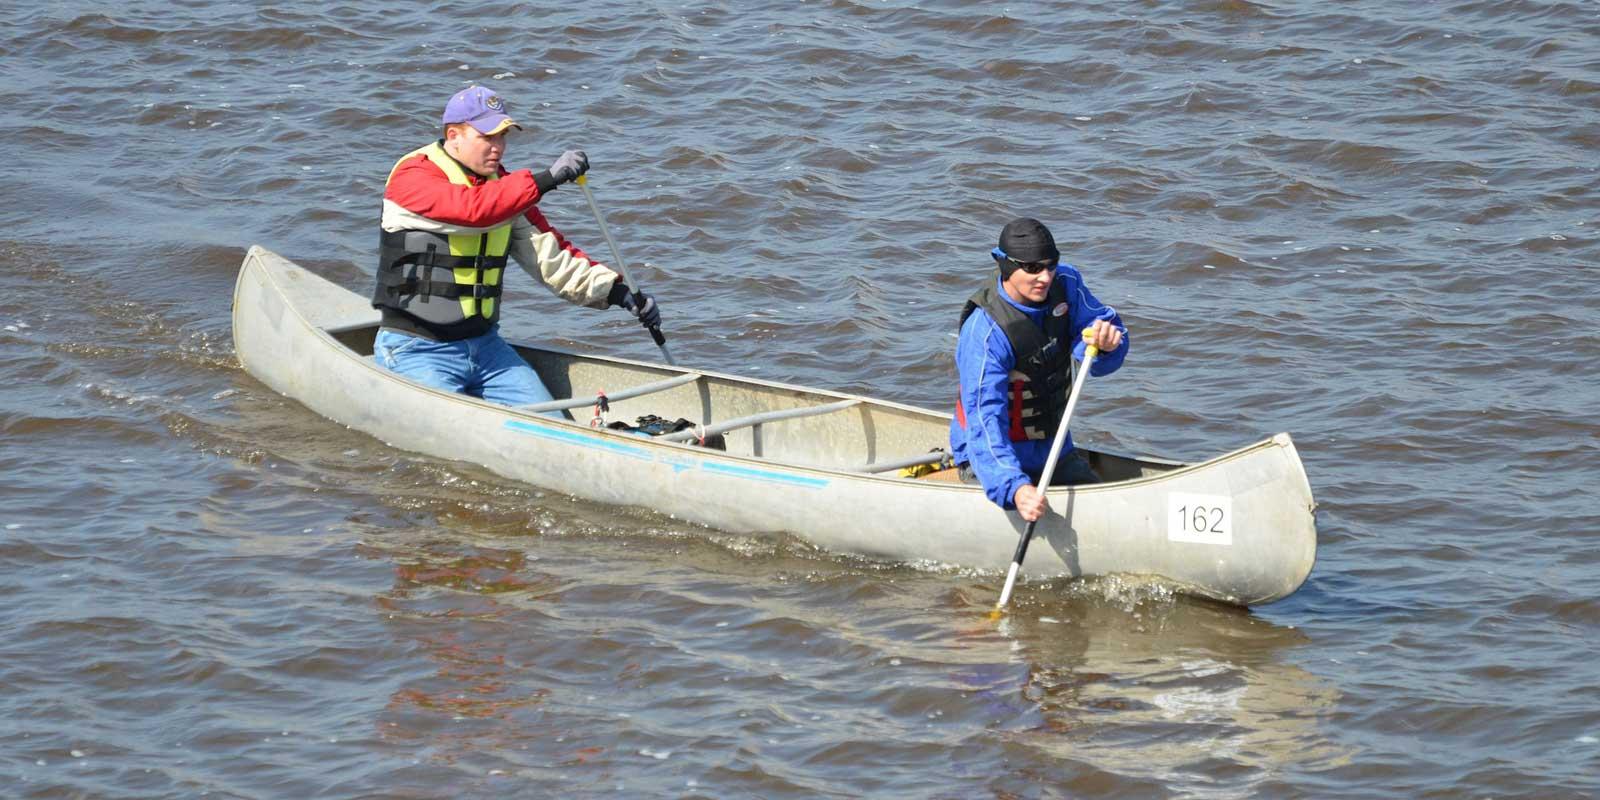 canoe-image-10